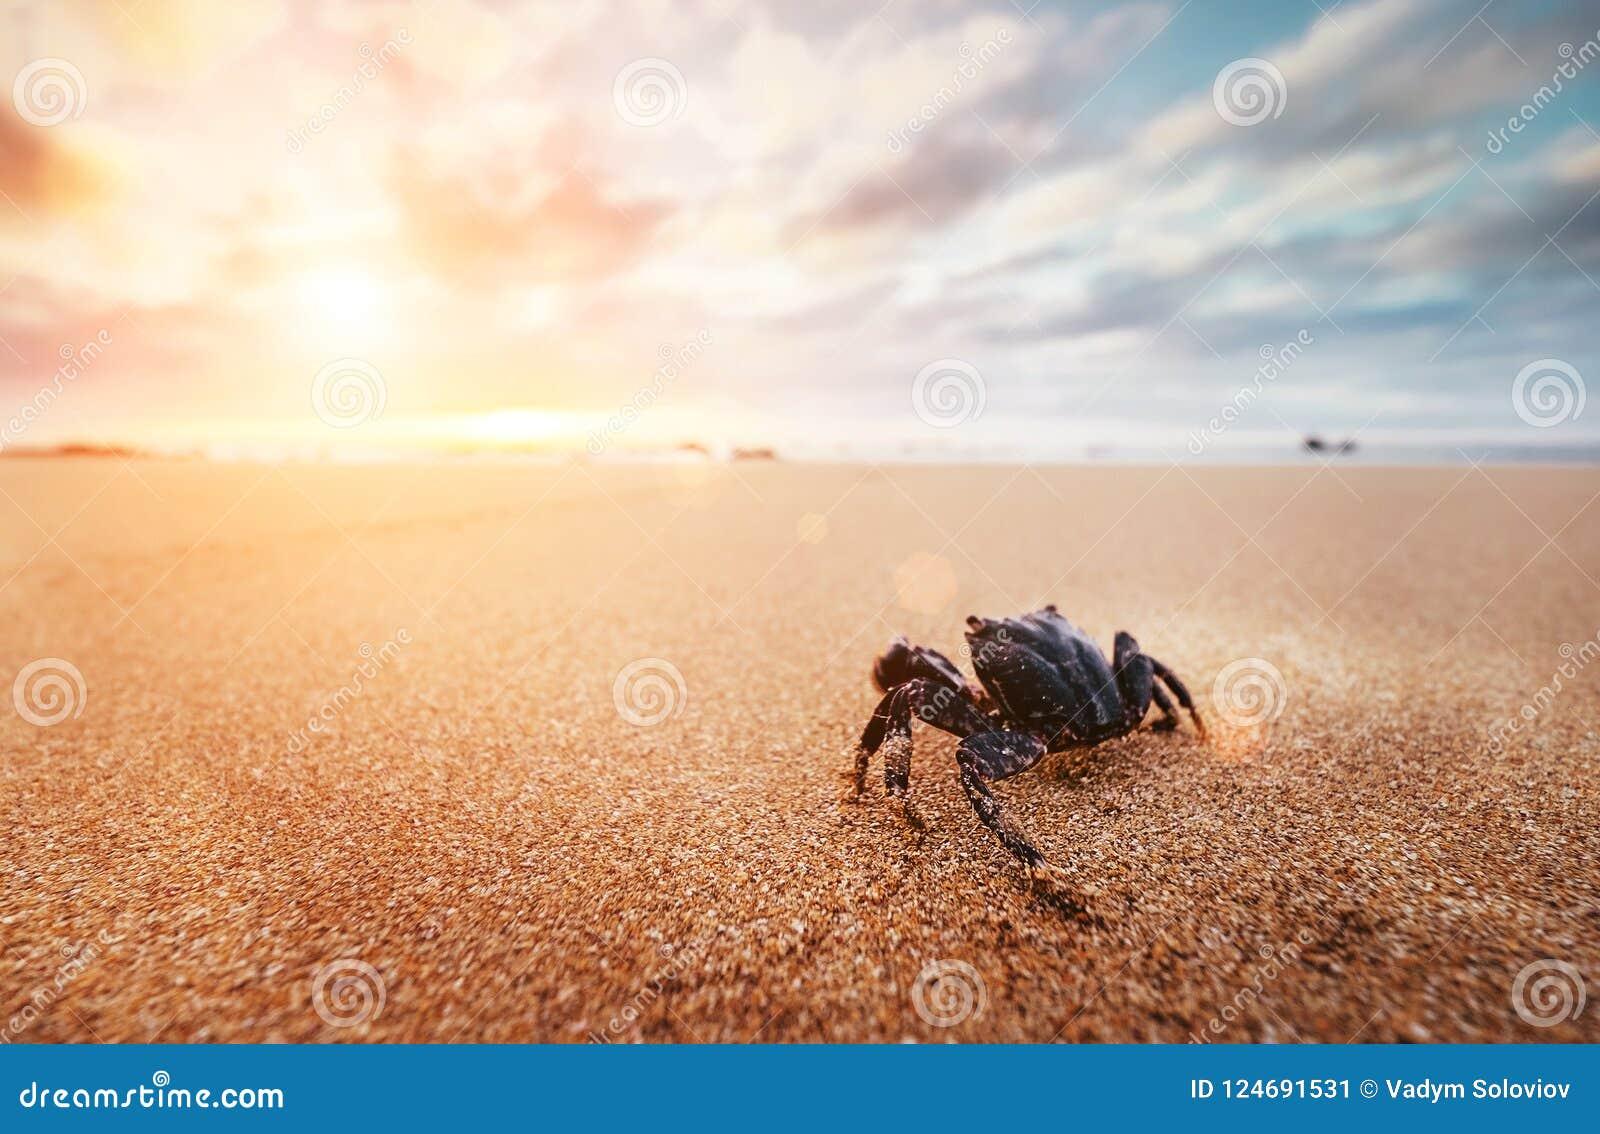 Смешной членистоногий краба смотрит на восходе солнца во времени раннего утра